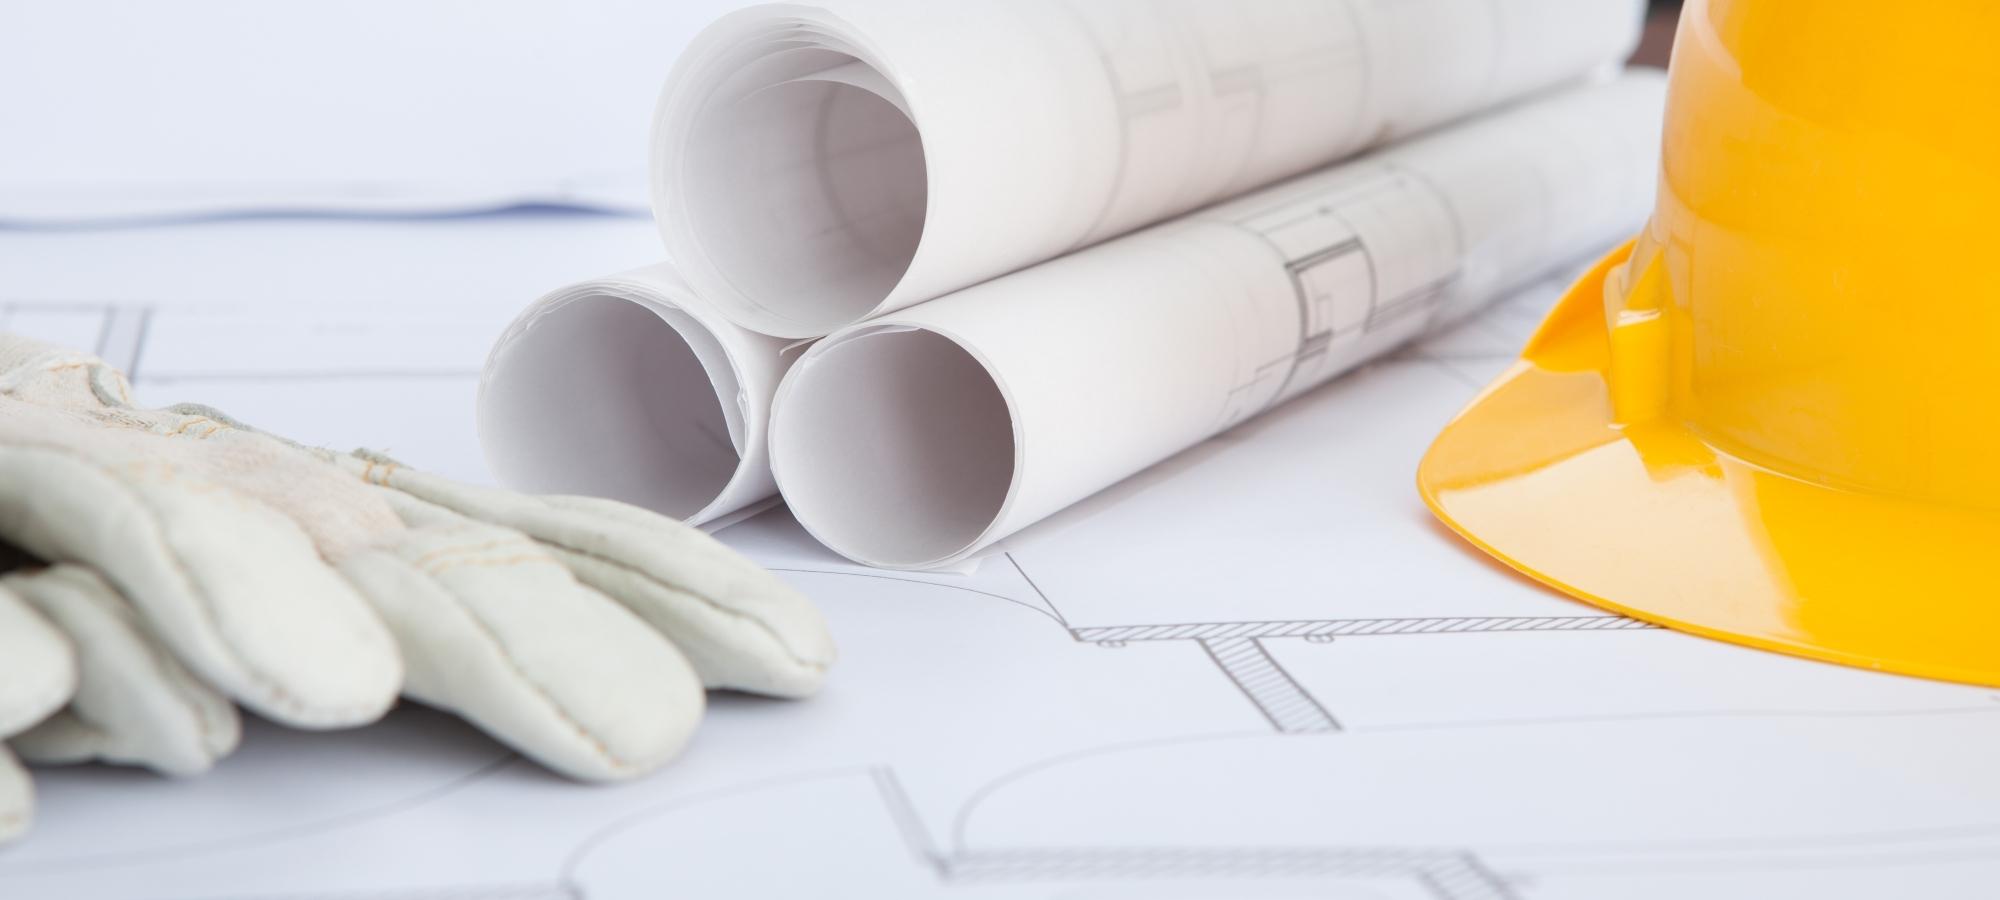 Planung – wichtig und vorausschauend